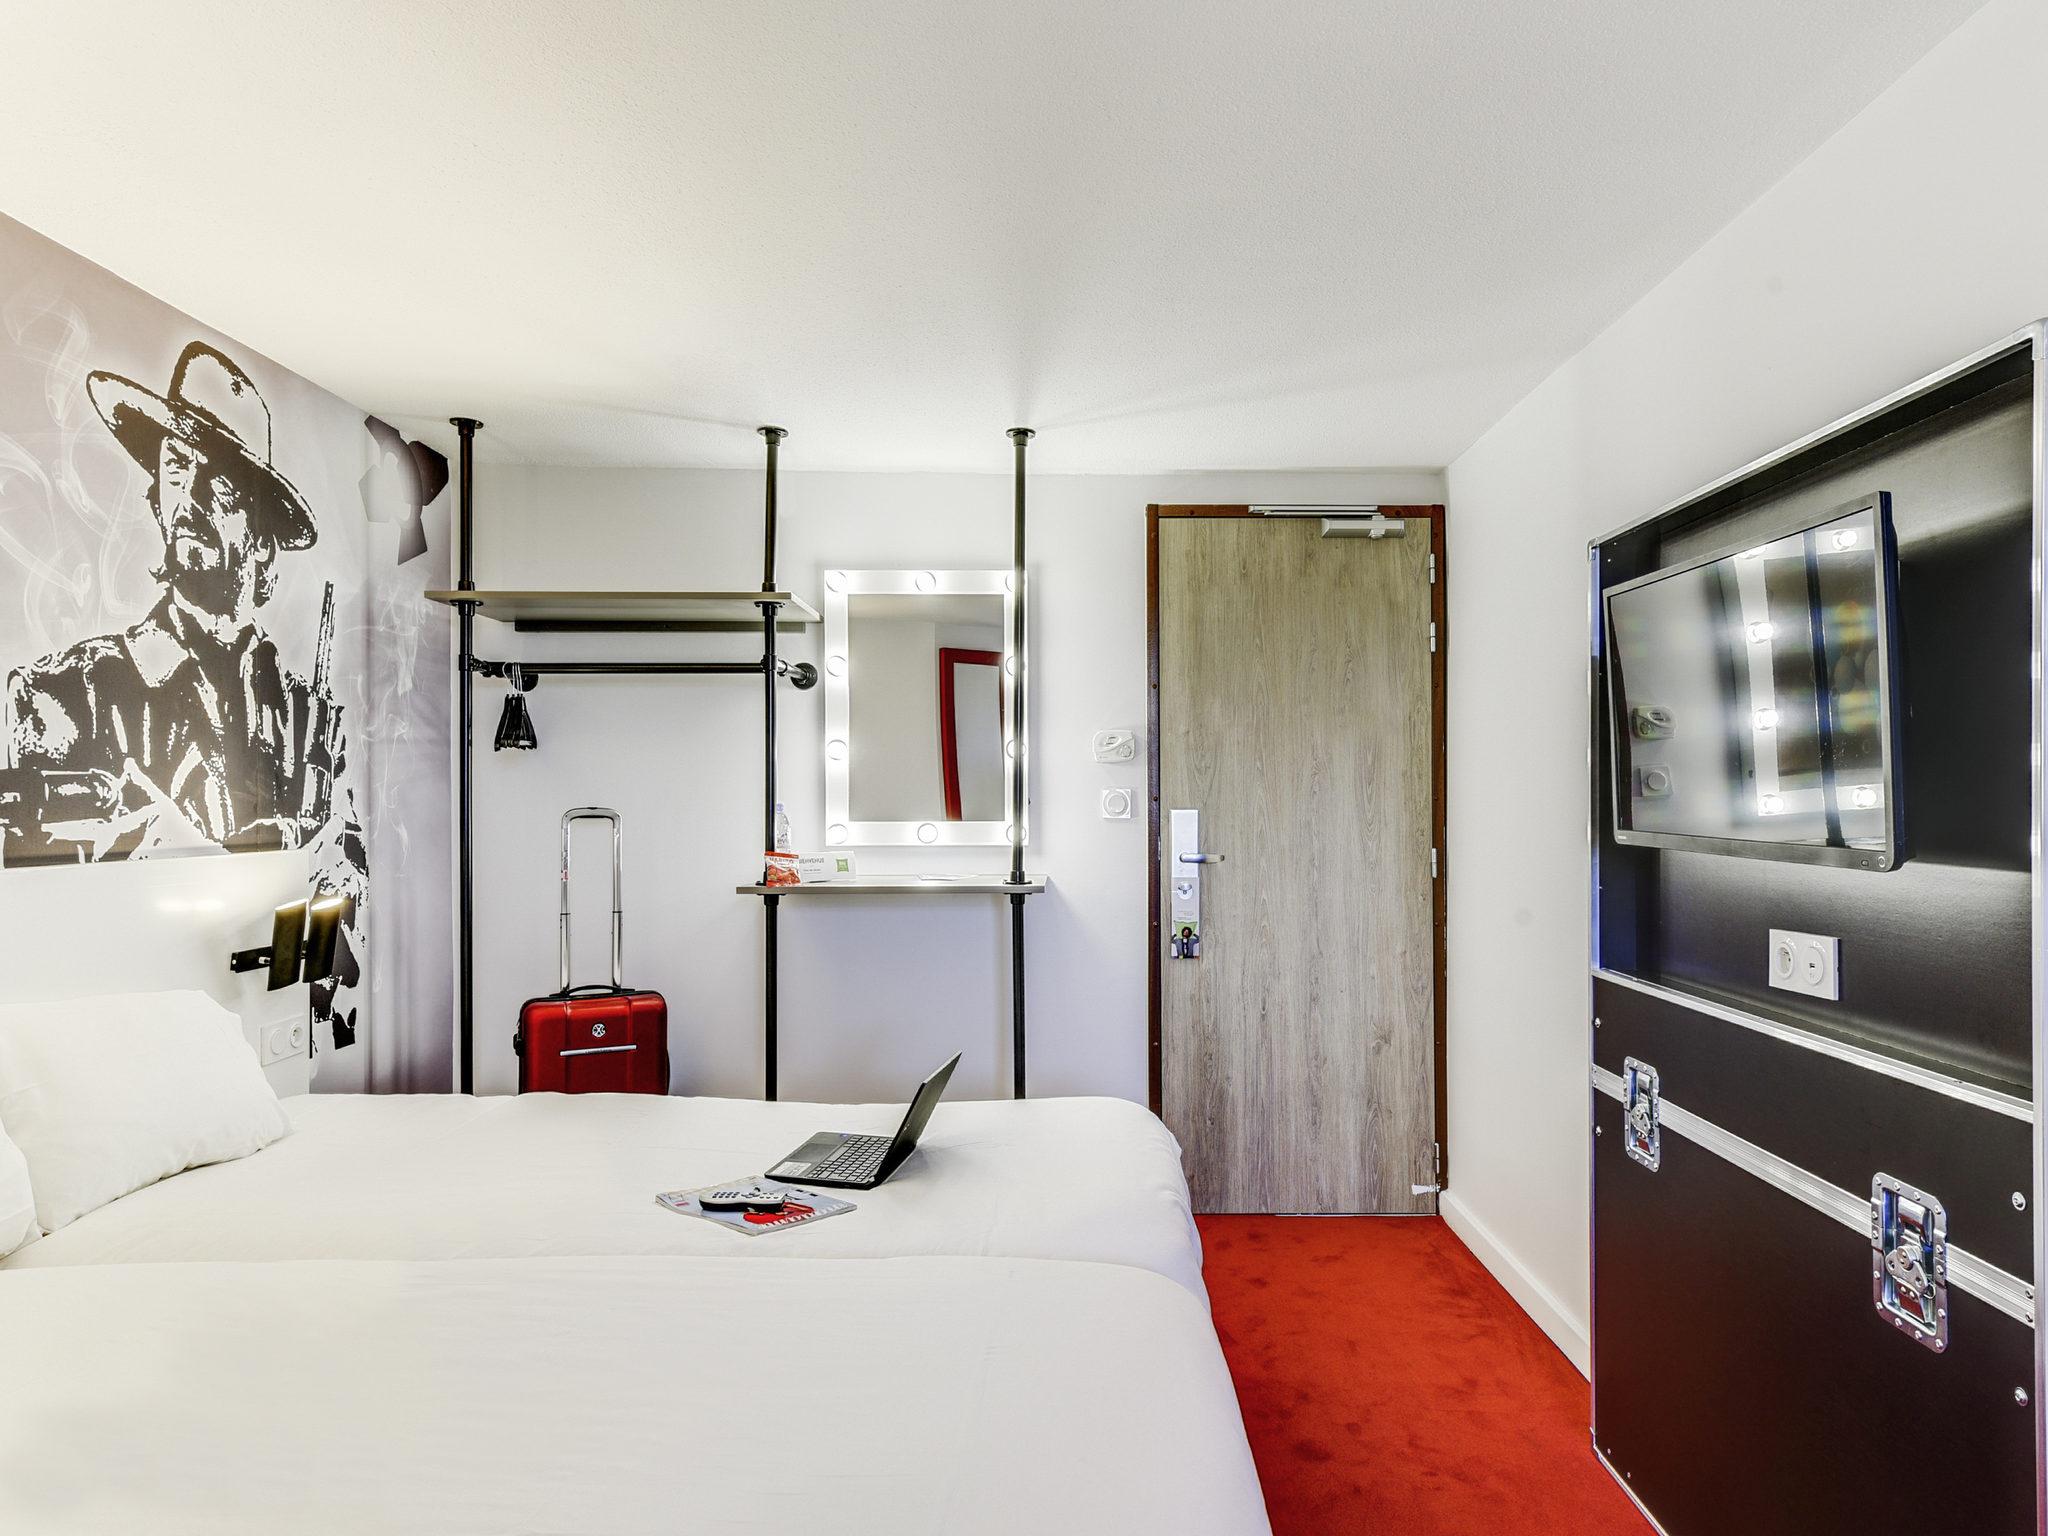 酒店 – 宜必思尚品巴黎拉普莱纳圣丹尼酒店